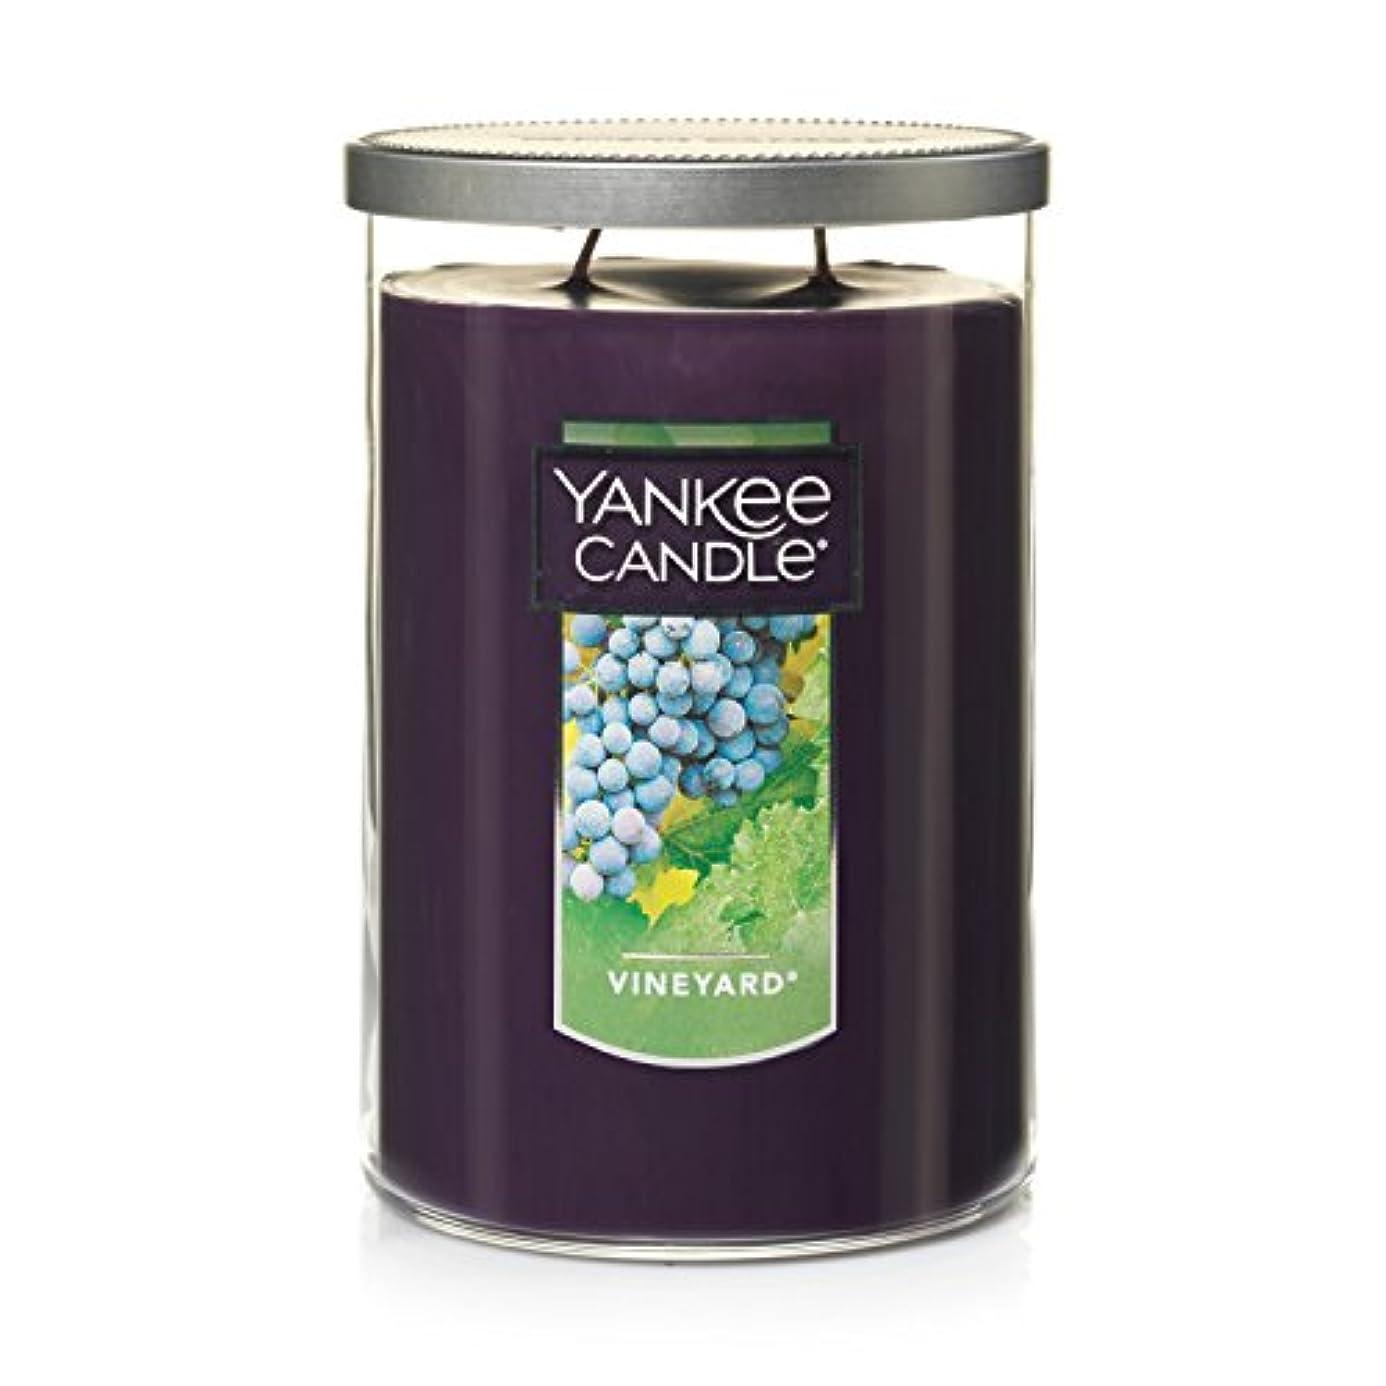 温かいランドマーク回復するYankee Candle Vineyard、フルーツ香り Large Tumbler Candles パープル 1184177Z